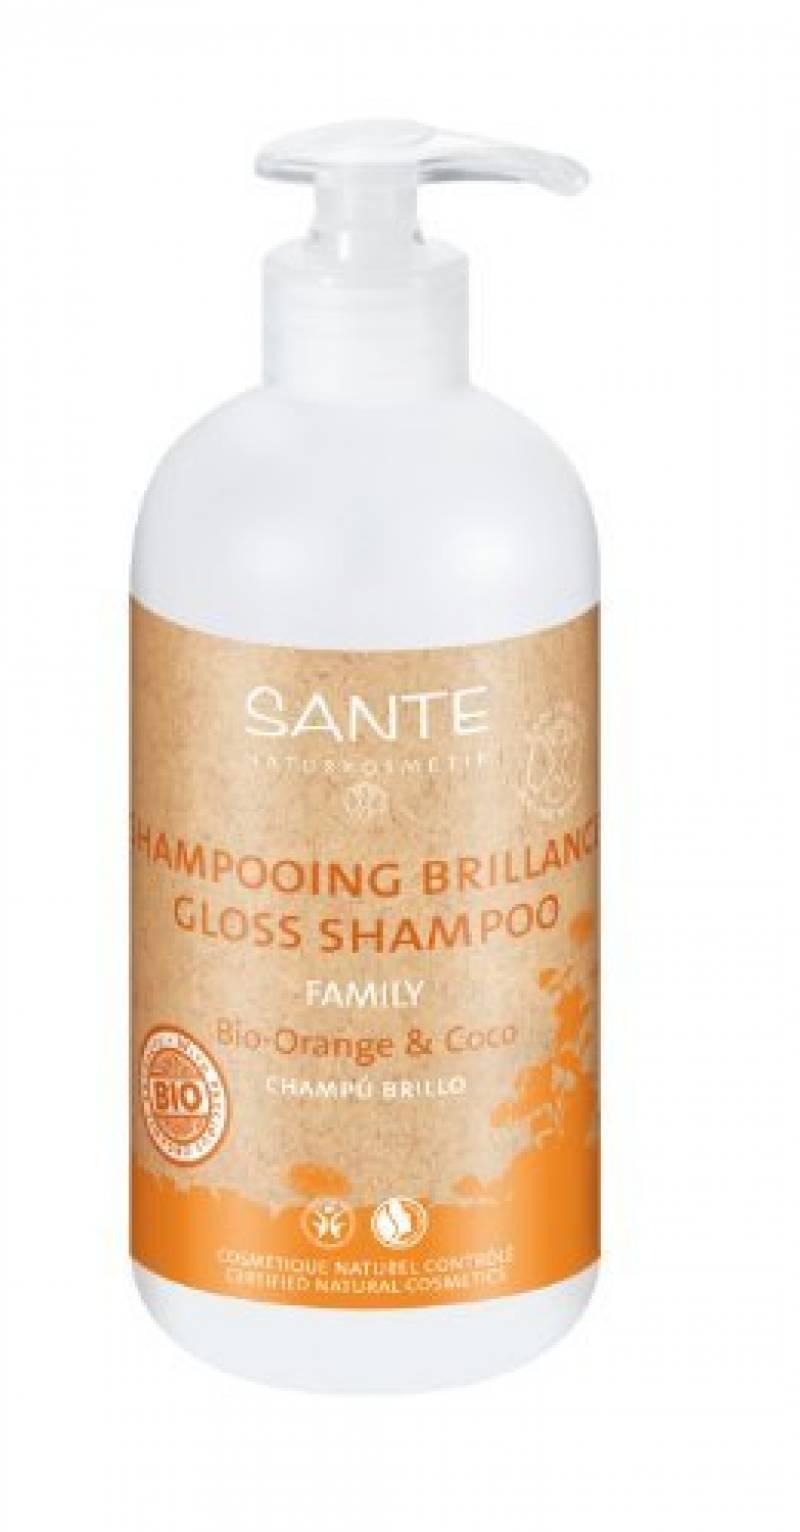 Santé - 2024shabriXL - Family - Hygiène Corporelle - Shampooing Brillance Orange et Coco Bio - 950 ml de la marque Santé TOP 6 image 0 produit